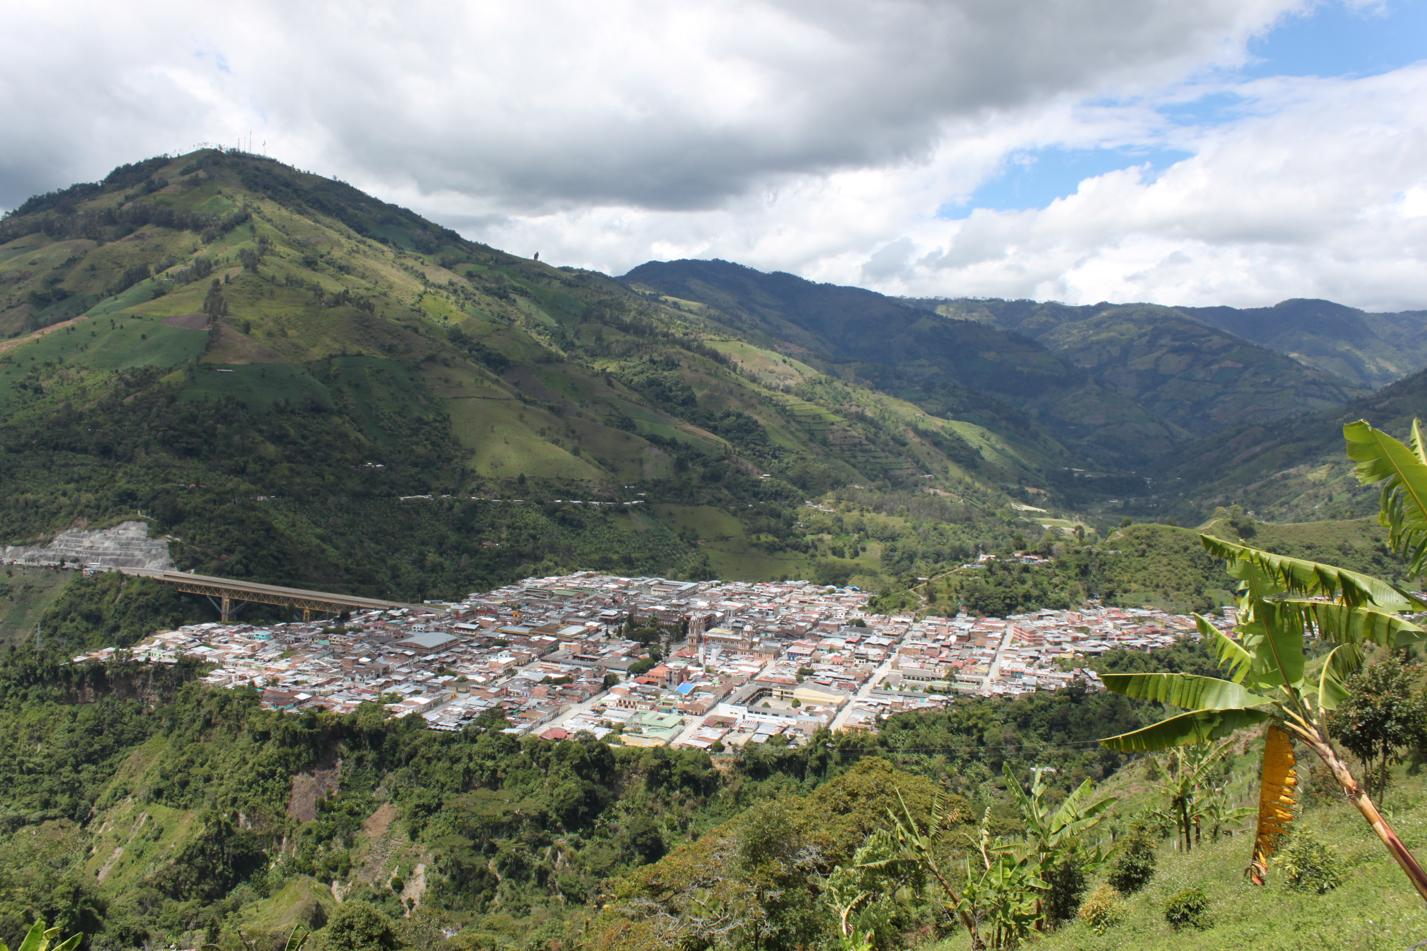 Ausblick auf Cajamarca. Gesehen haben wir die Stadt schon lange, aber der Weg dahin war noch sehr lang und mühsam.